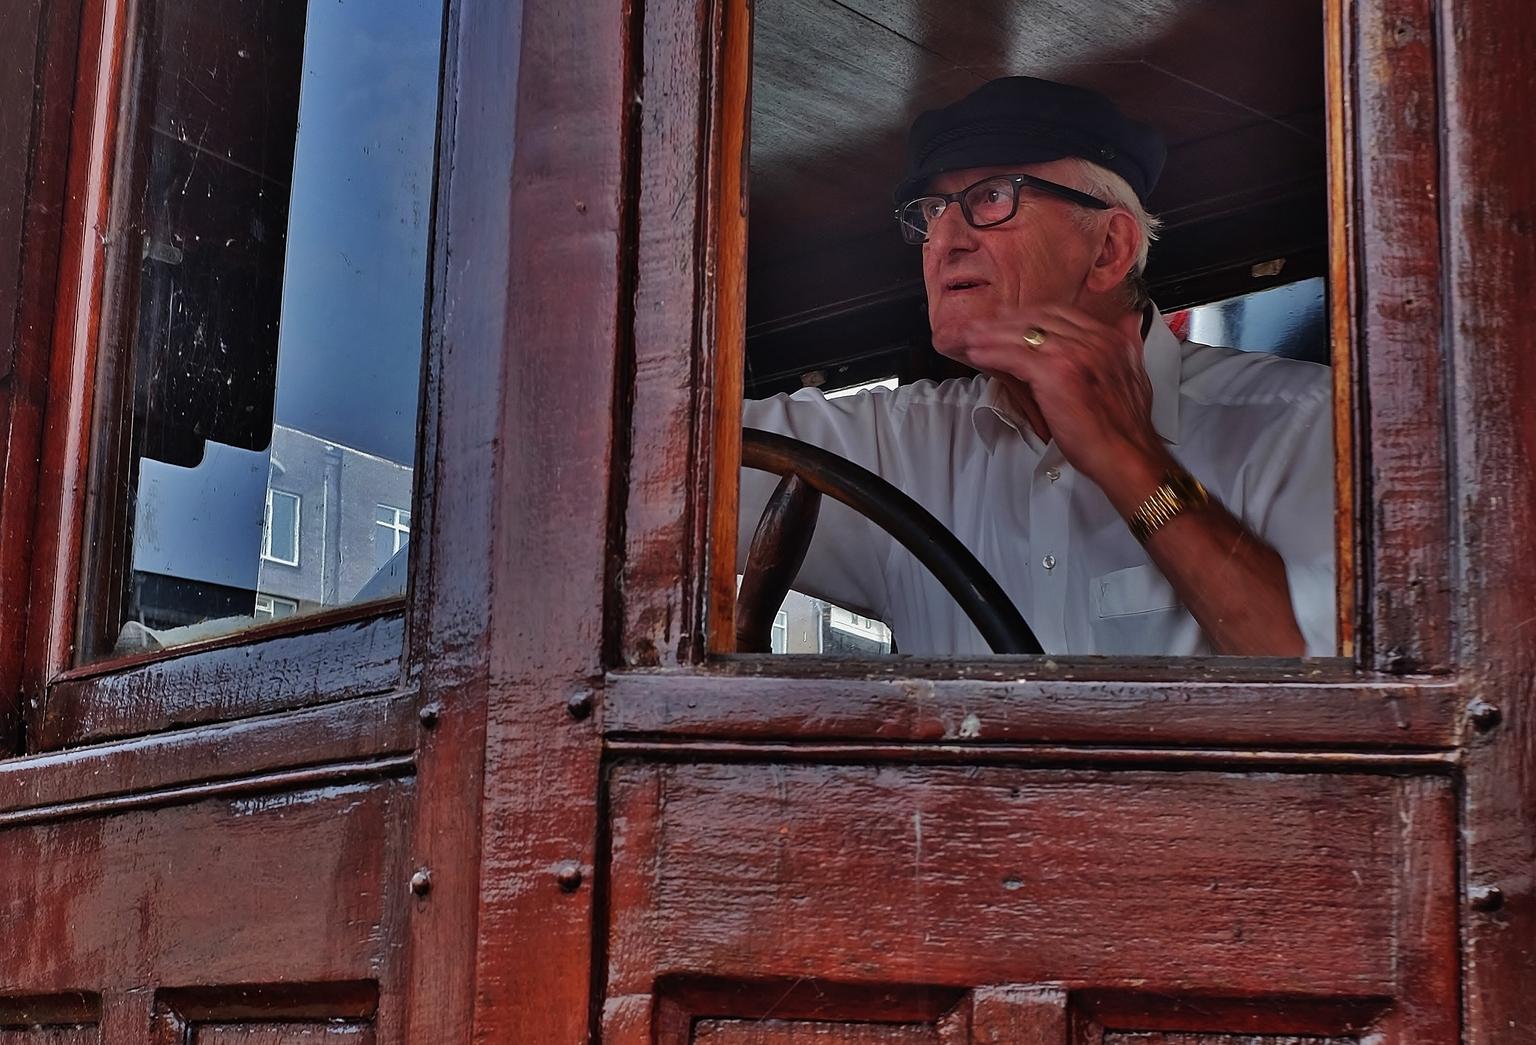 Schipper Willem... - ... van de sleepboot Willem/ Marie vaart de haven uit. - foto door f.arts1 op 09-04-2021 - locatie: Wolwevershaven, 3311 Dordrecht, Nederland - deze foto bevat: bril, kin, kijk maar, hout, staand, oogzorg, heeft, door, brillen, home door